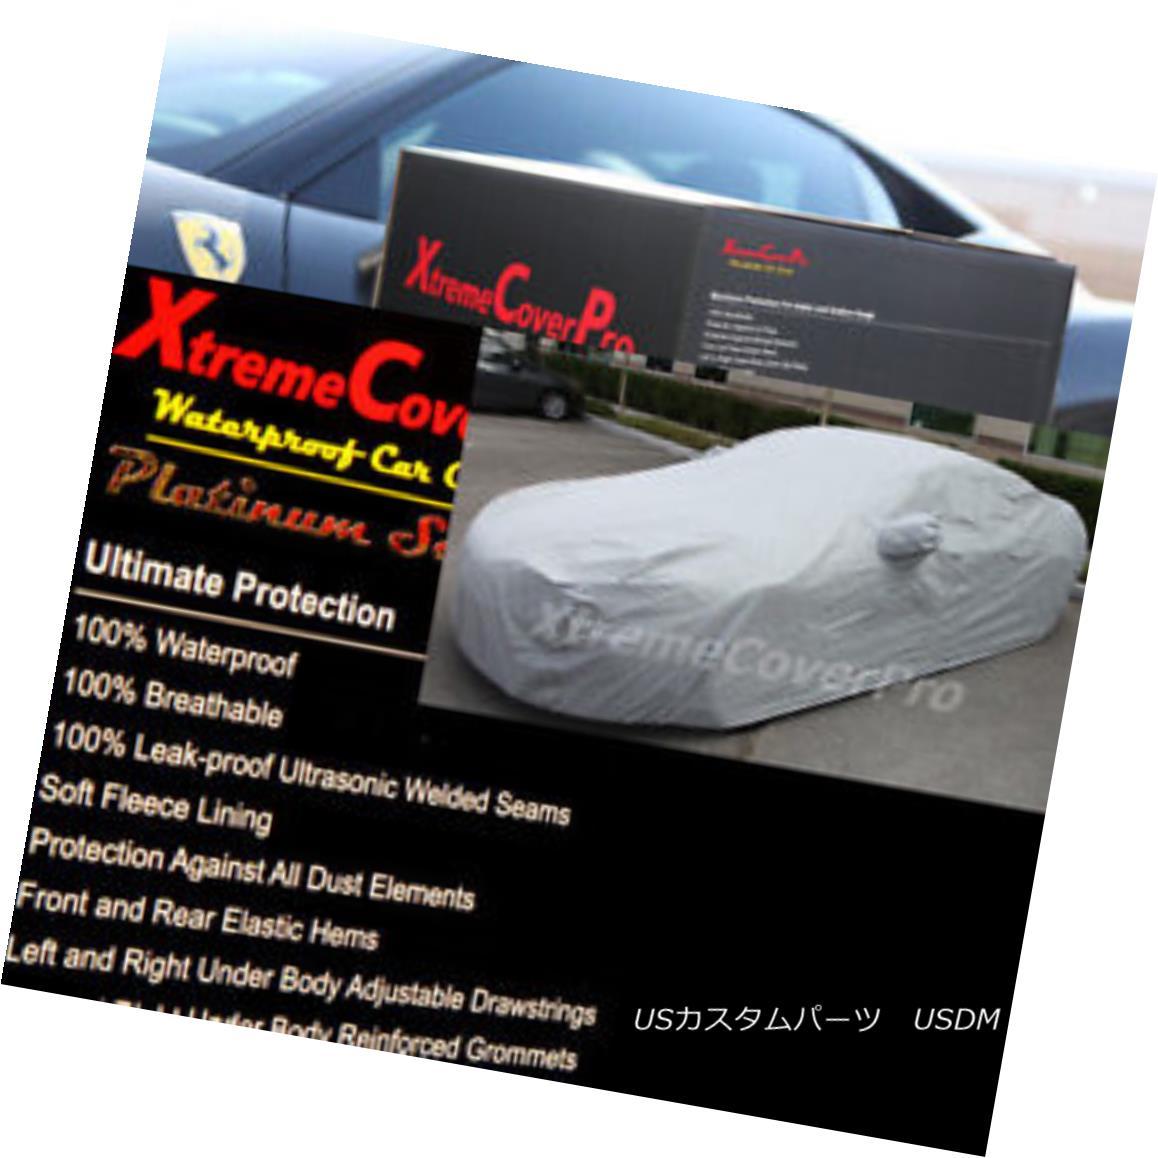 カーカバー 2013 Subaru Legacy Waterproof Car Cover w/MirrorPocket 2013スバルレガシィ防水カーカバー付きMirrorPocket